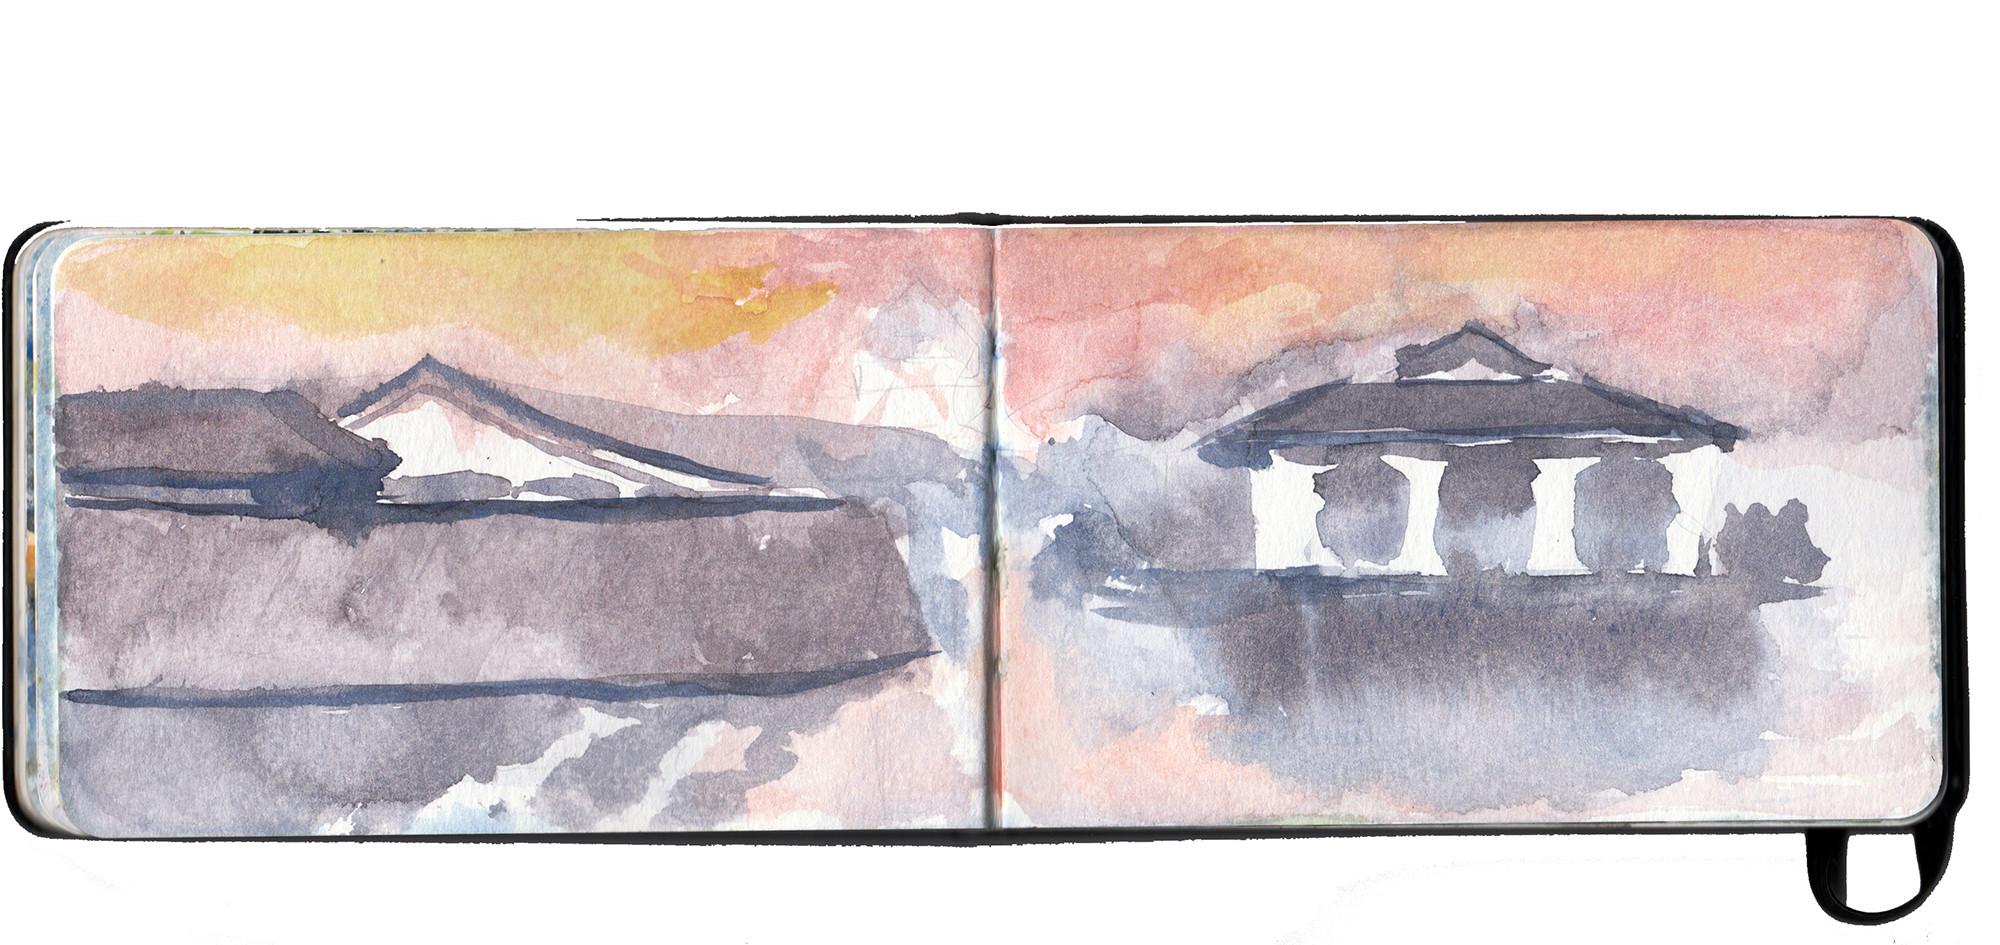 Sketch in Sabah